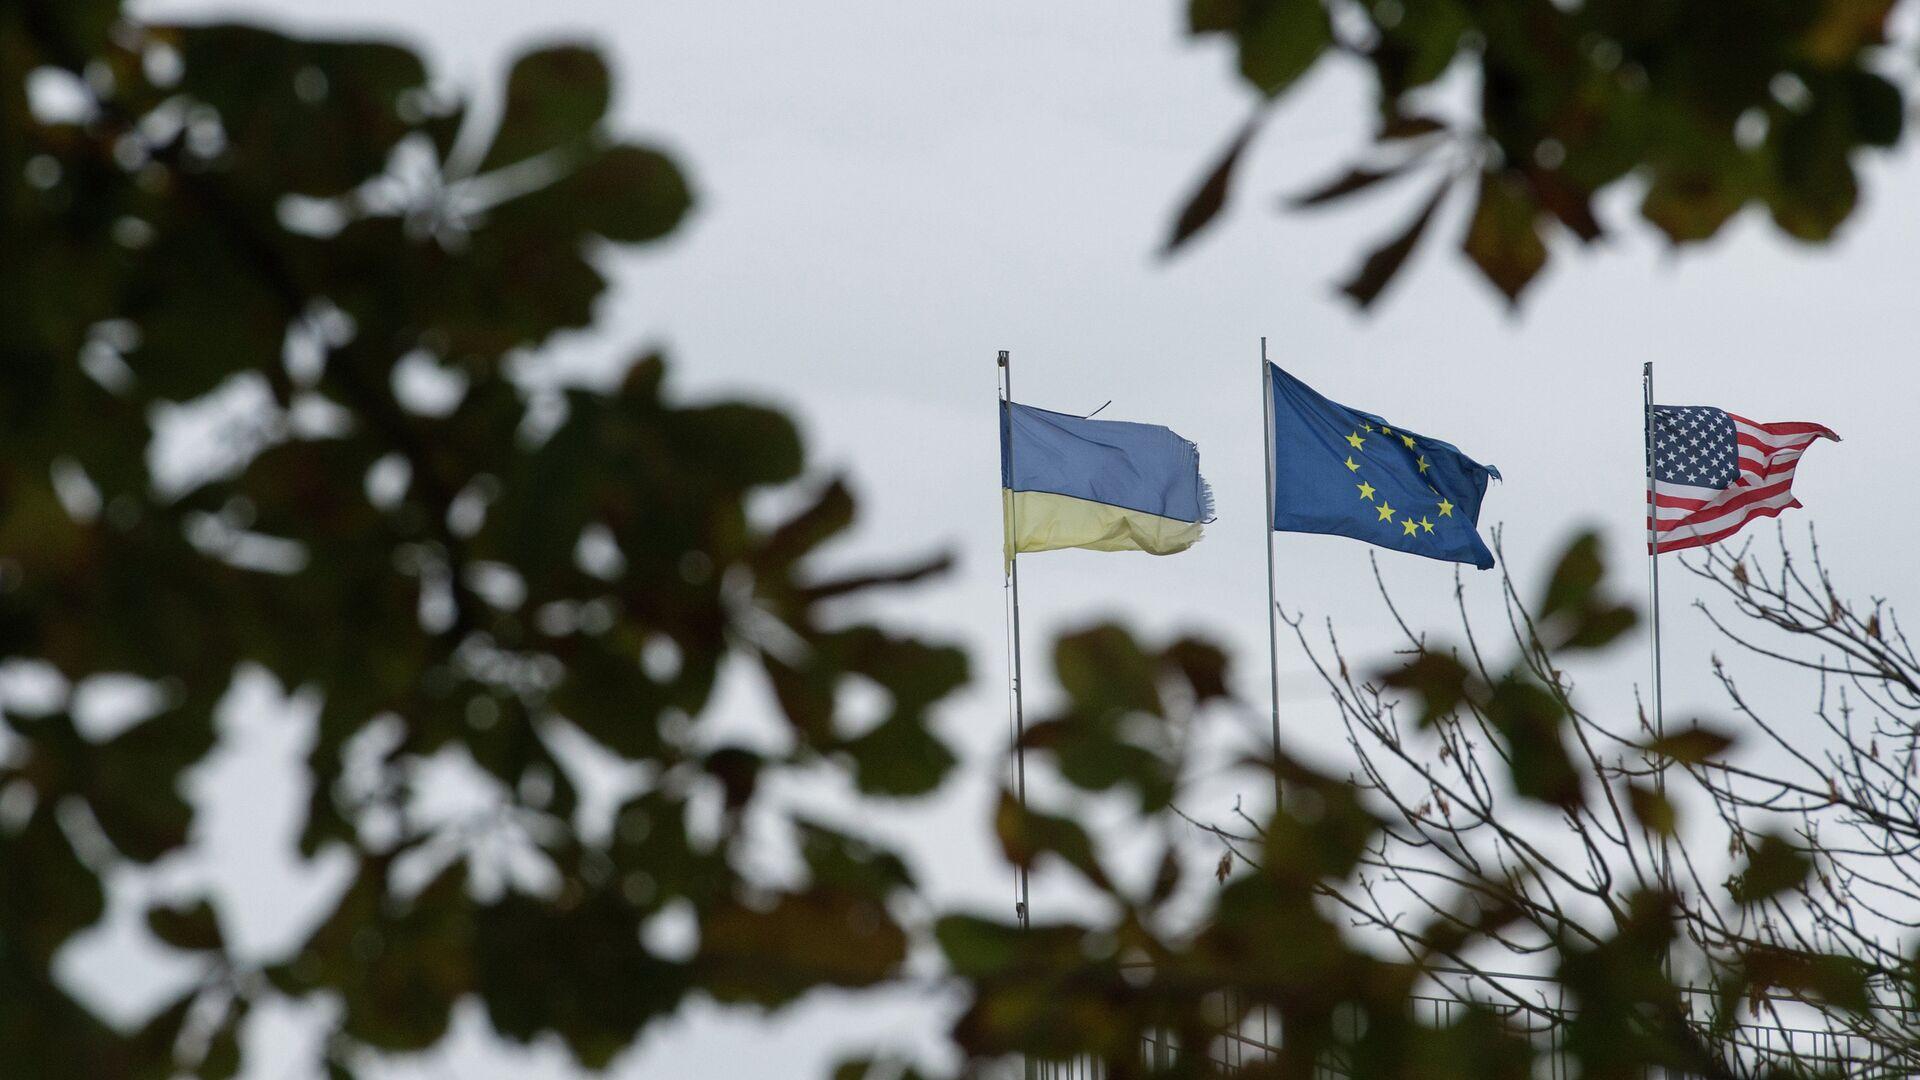 Флаги Украины, Европейского союза и Соединенных Штатов Америки - РИА Новости, 1920, 12.06.2021